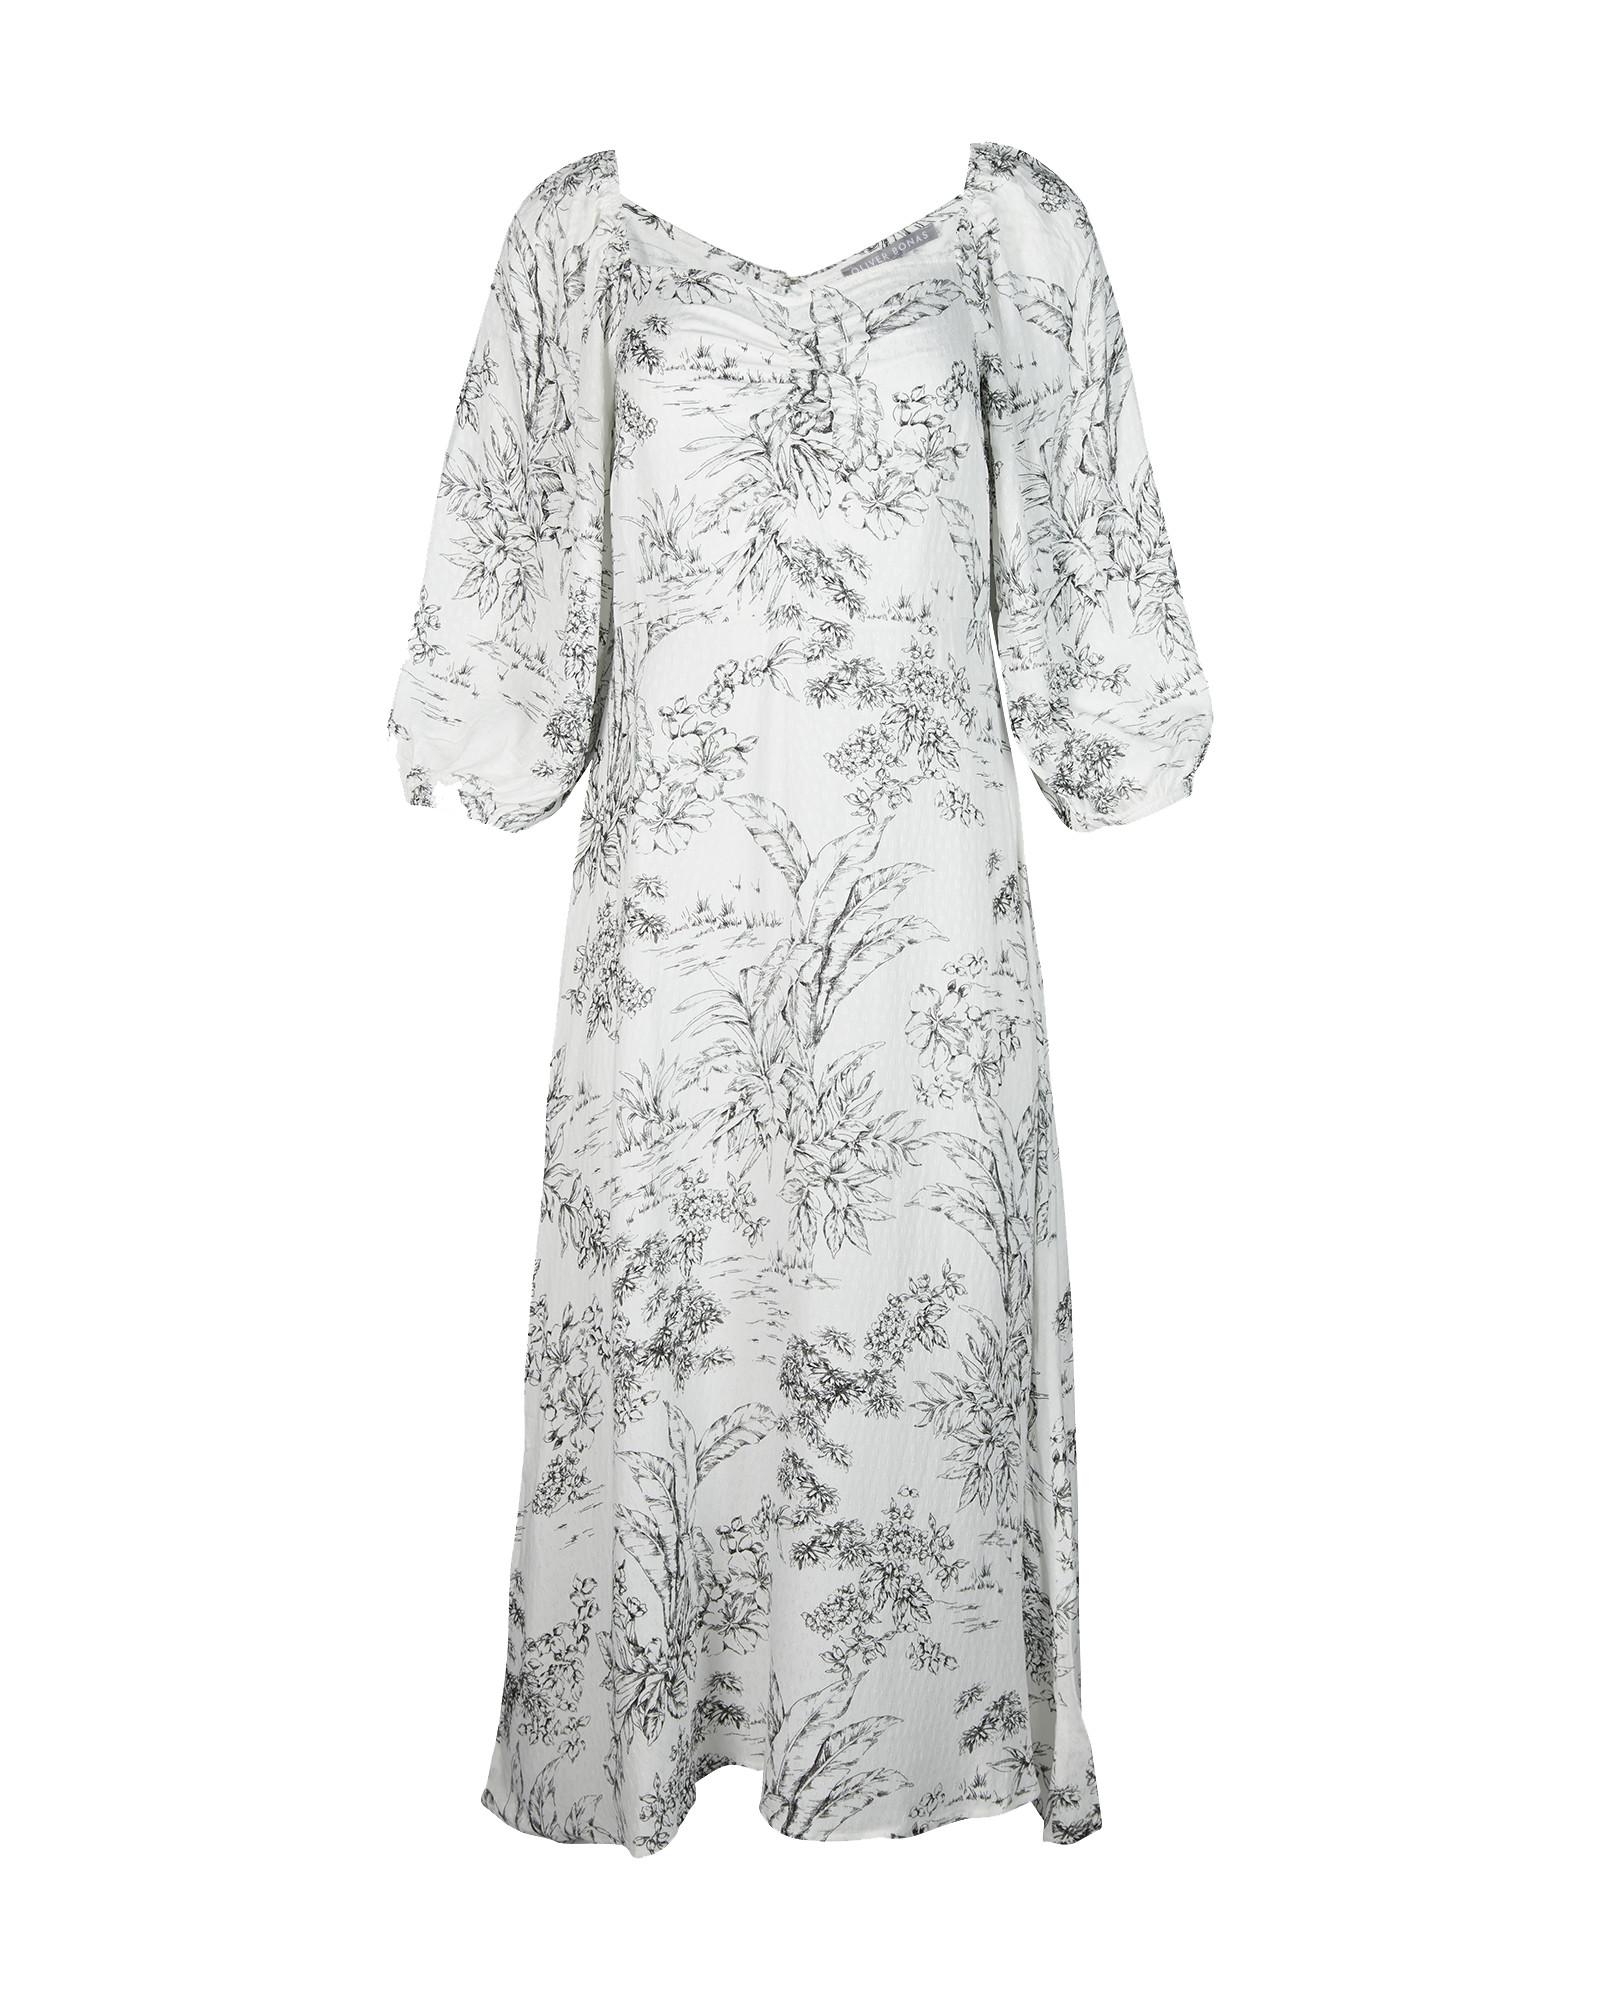 Toile Print White Midi Dress